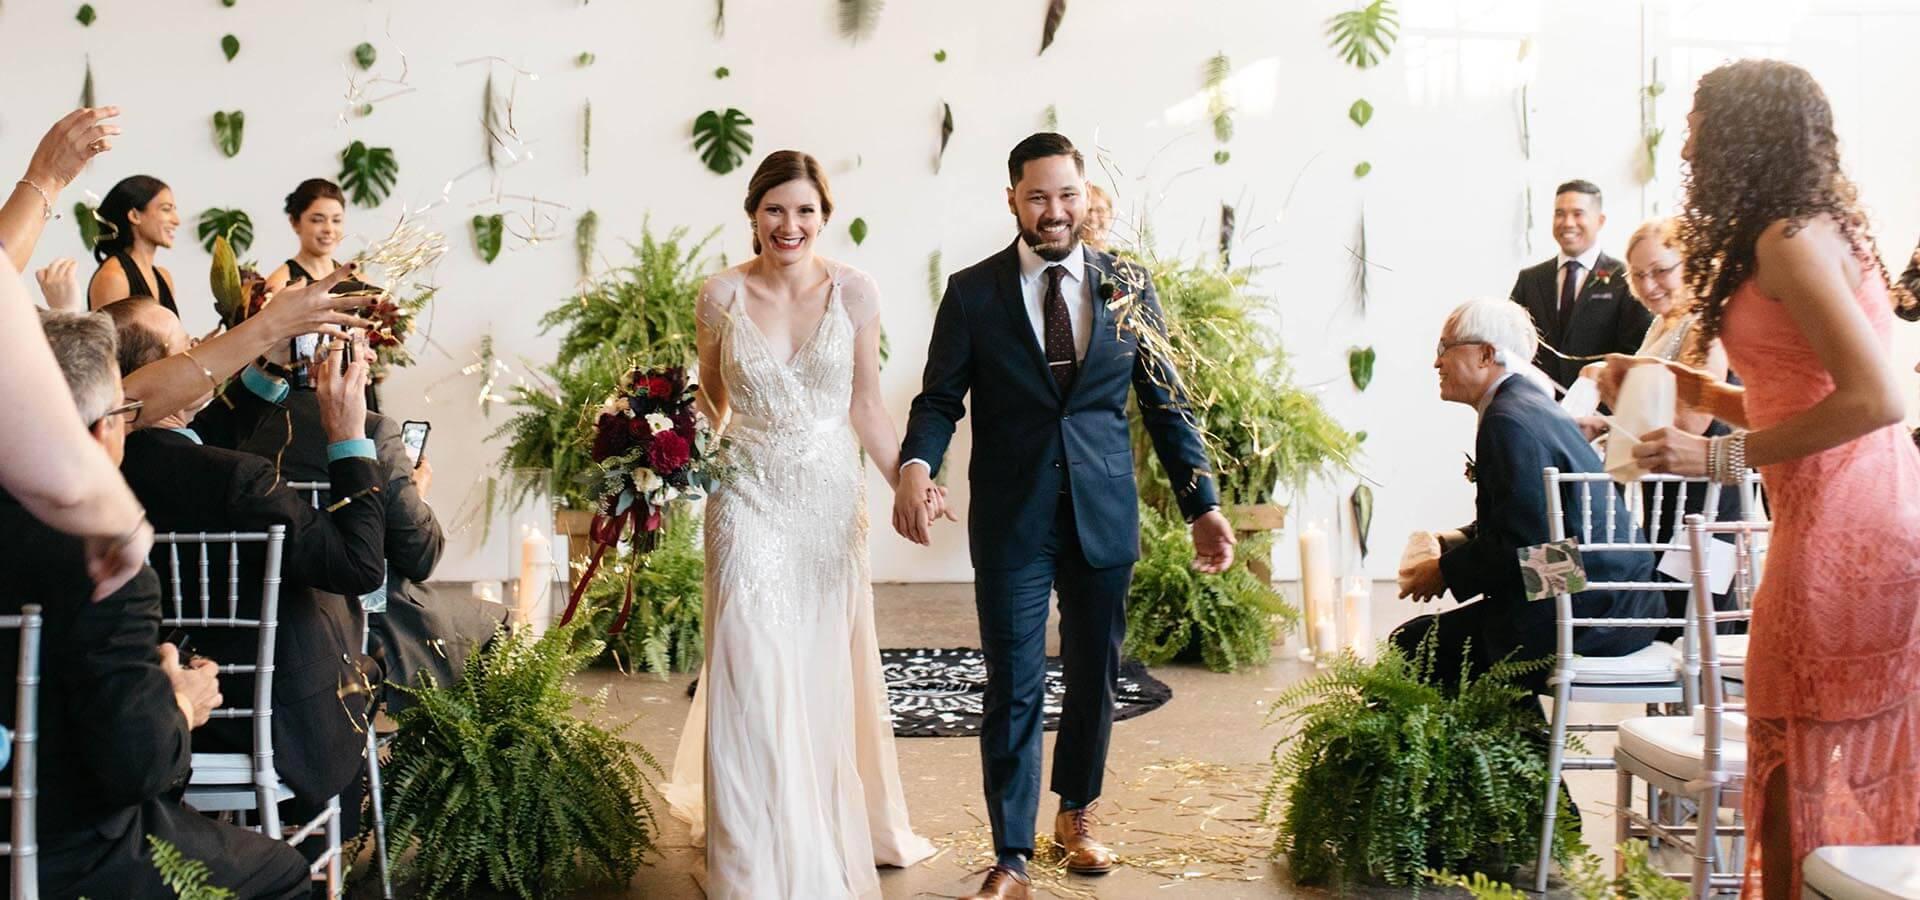 Hero image for Amanda and Markus' Urban Jungle Wedding at Airship 37